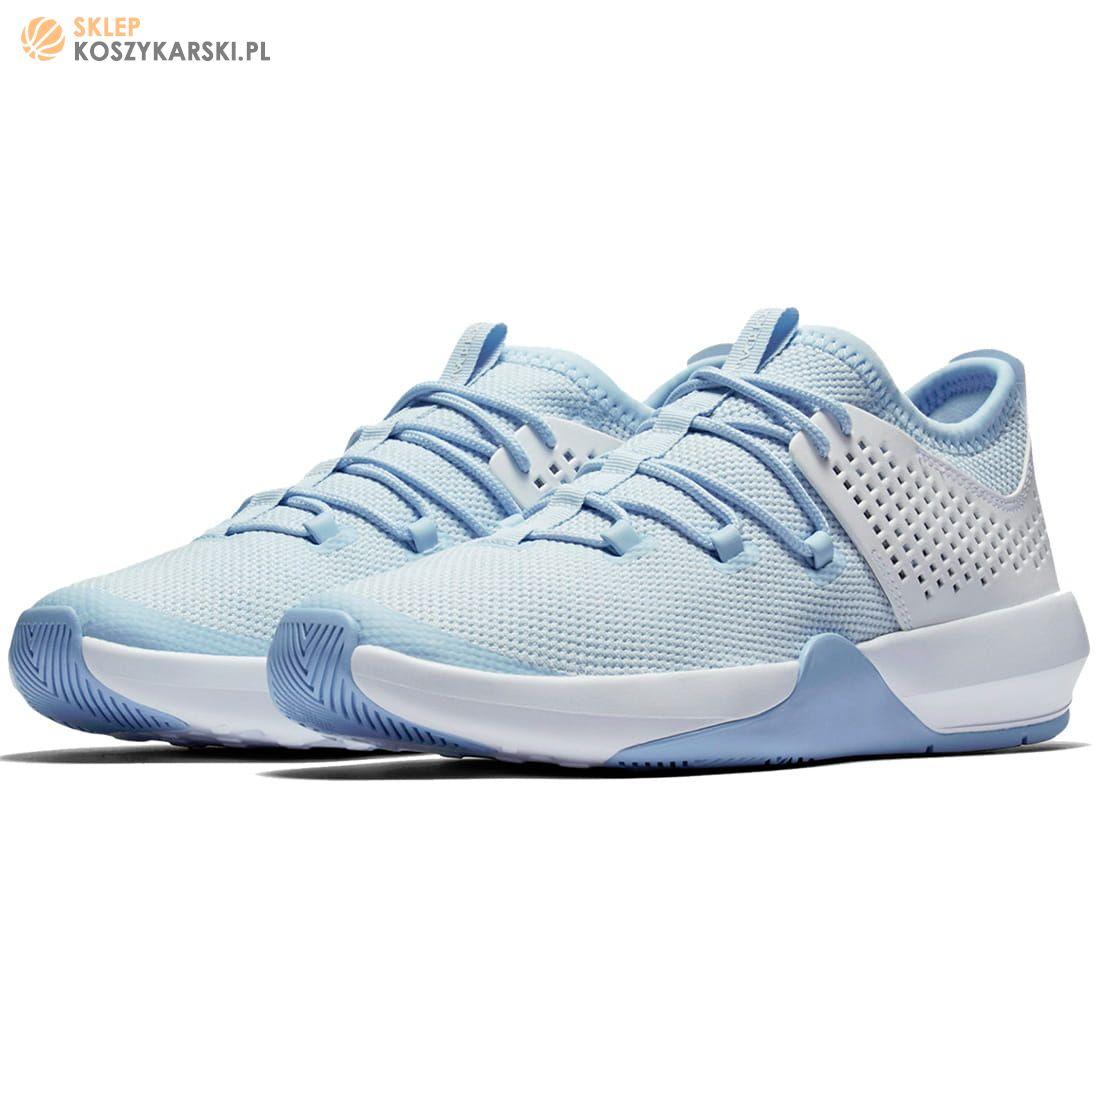 Buty do koszykówki Jordan Express (897988 430)